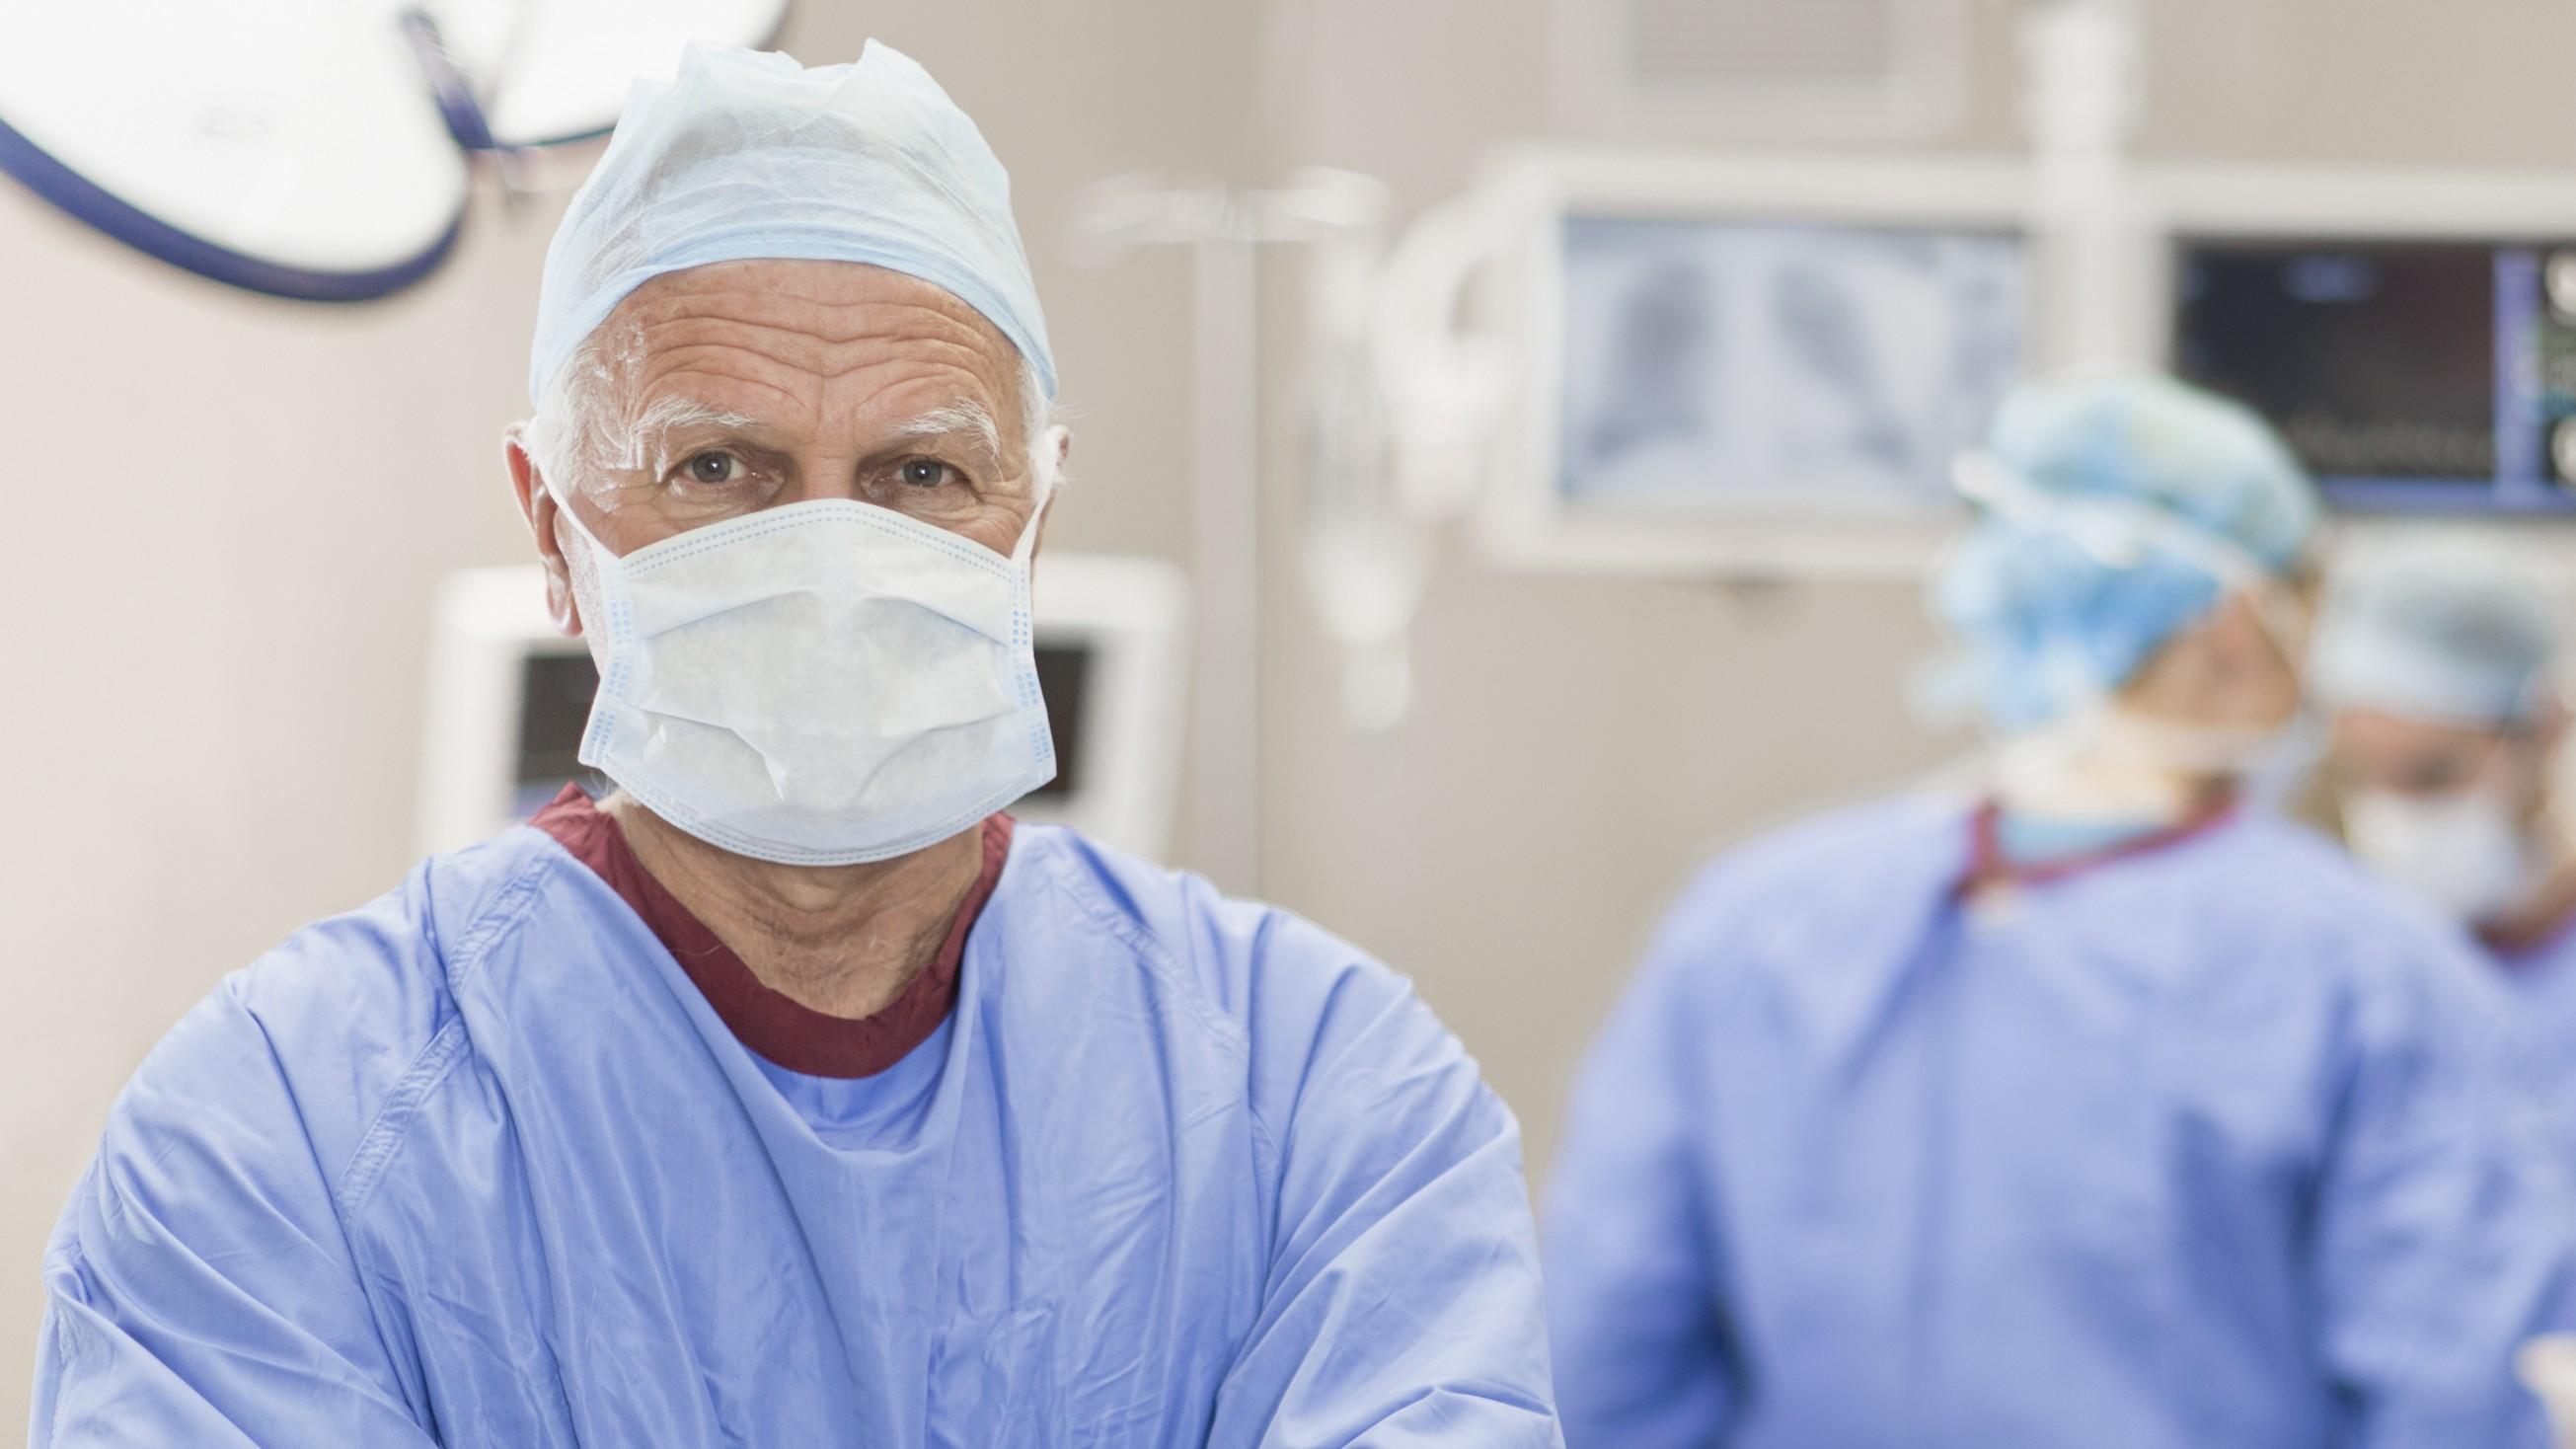 Visszamehetnek dolgozni a 65 év feletti orvosok